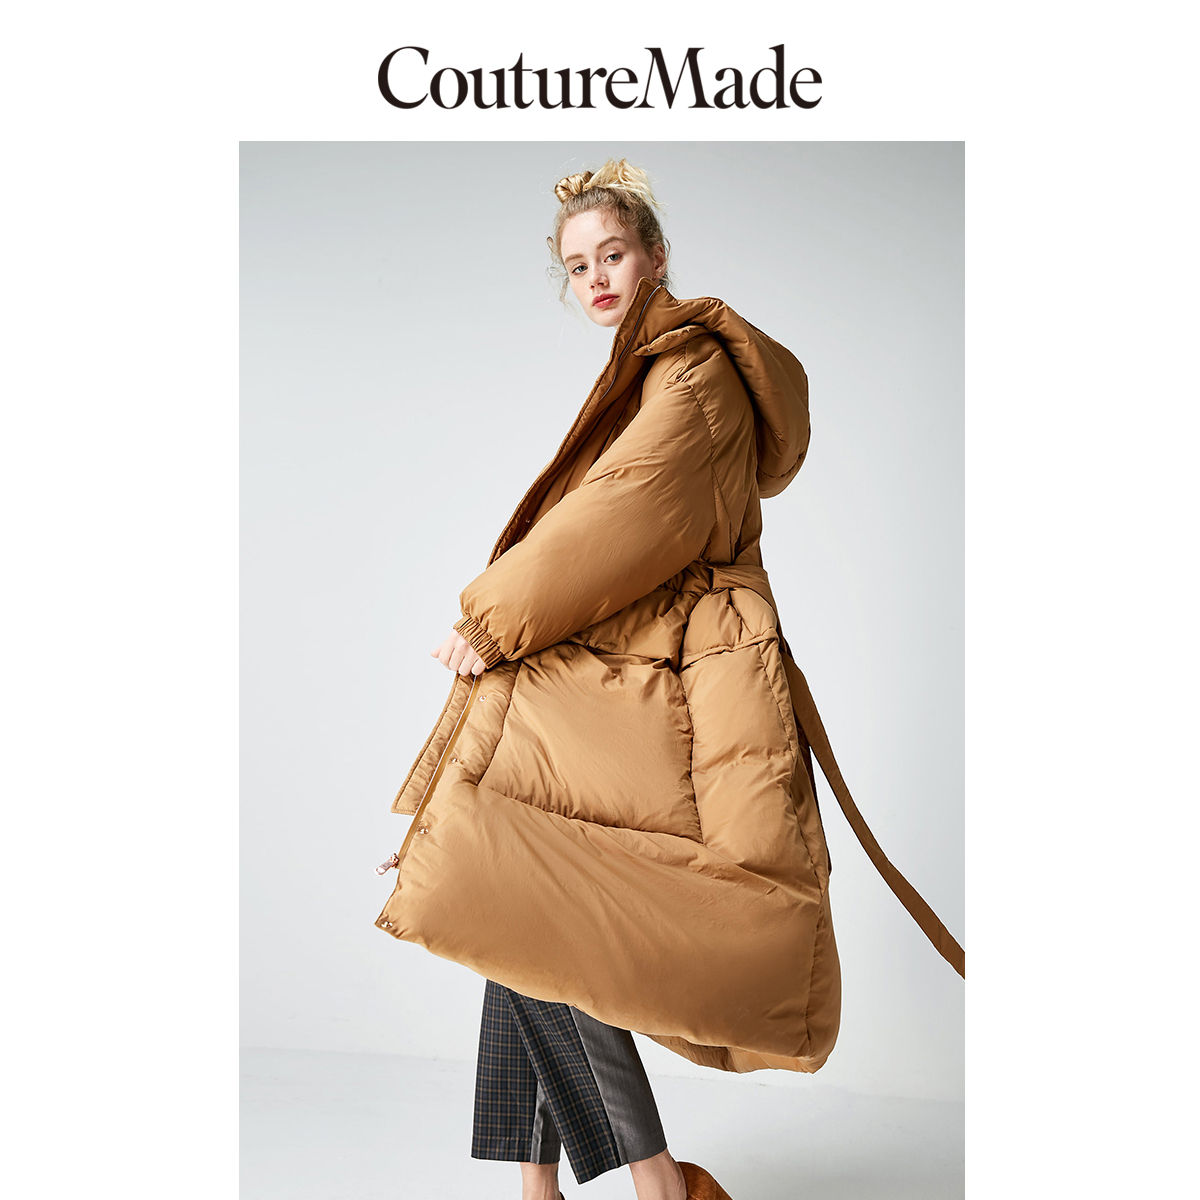 Vero moda feminino novo design com capuz longo ganso branco casaco parka | 318412561